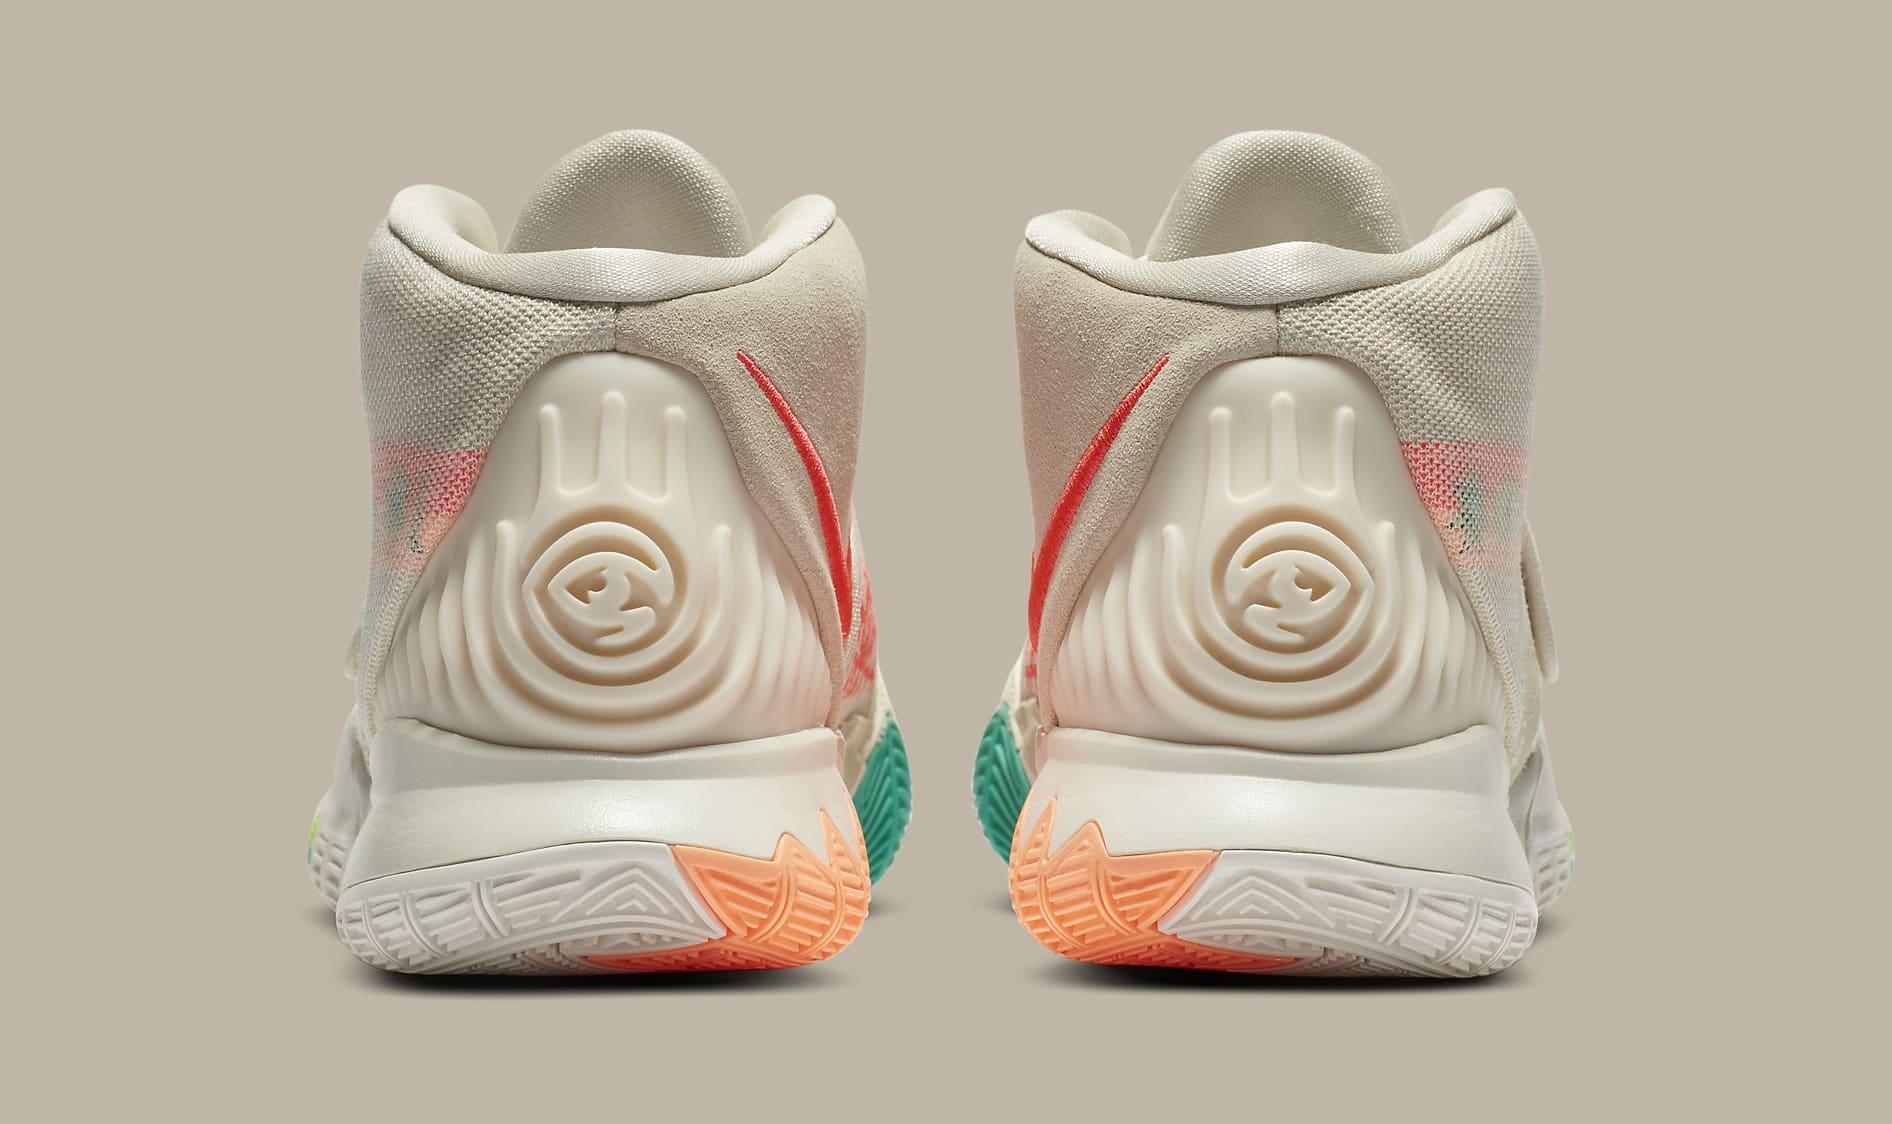 Nike Kyrie 6 'N7' CW1785-200 Heel